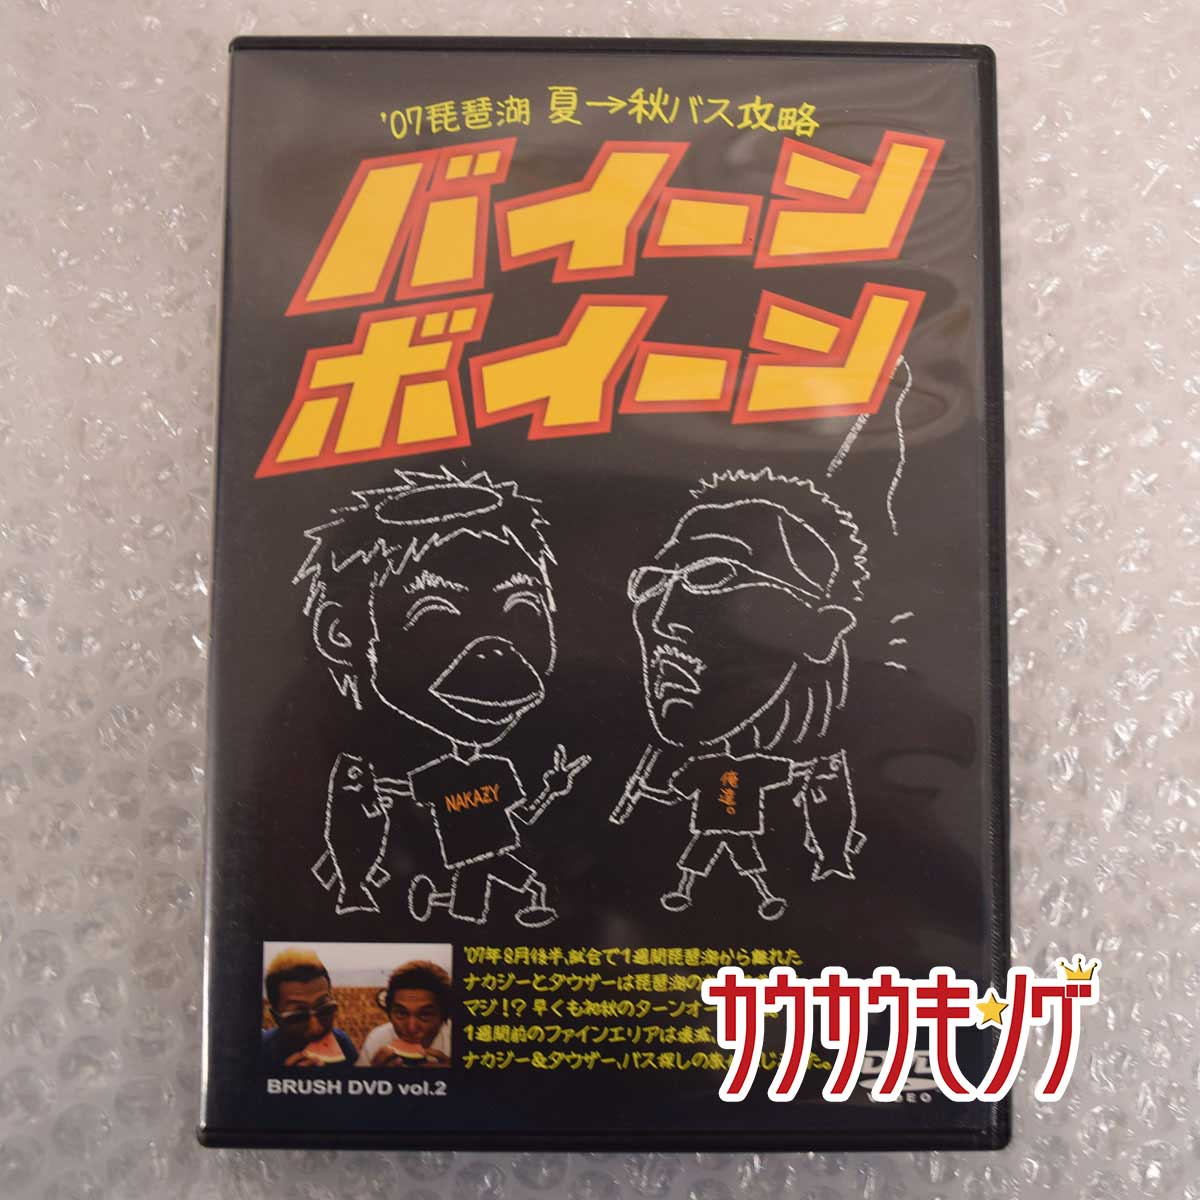 中古 DVD BRUSH 超定番 バイーン 07琵琶湖 商舗 夏→秋バス攻略 バス釣り ボイーン